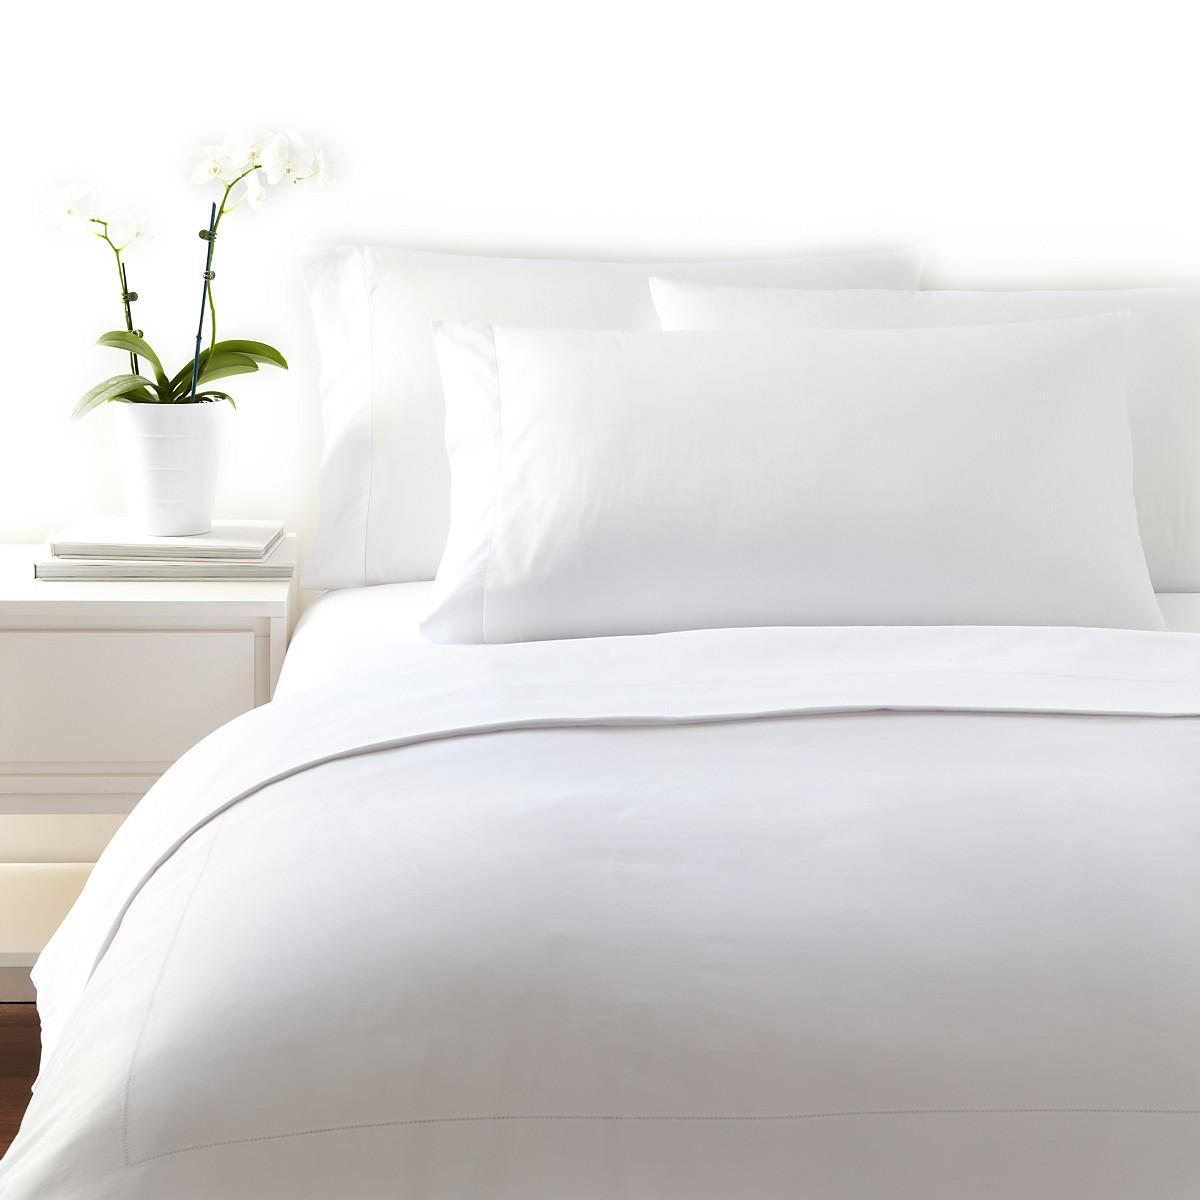 white bedding.jpg